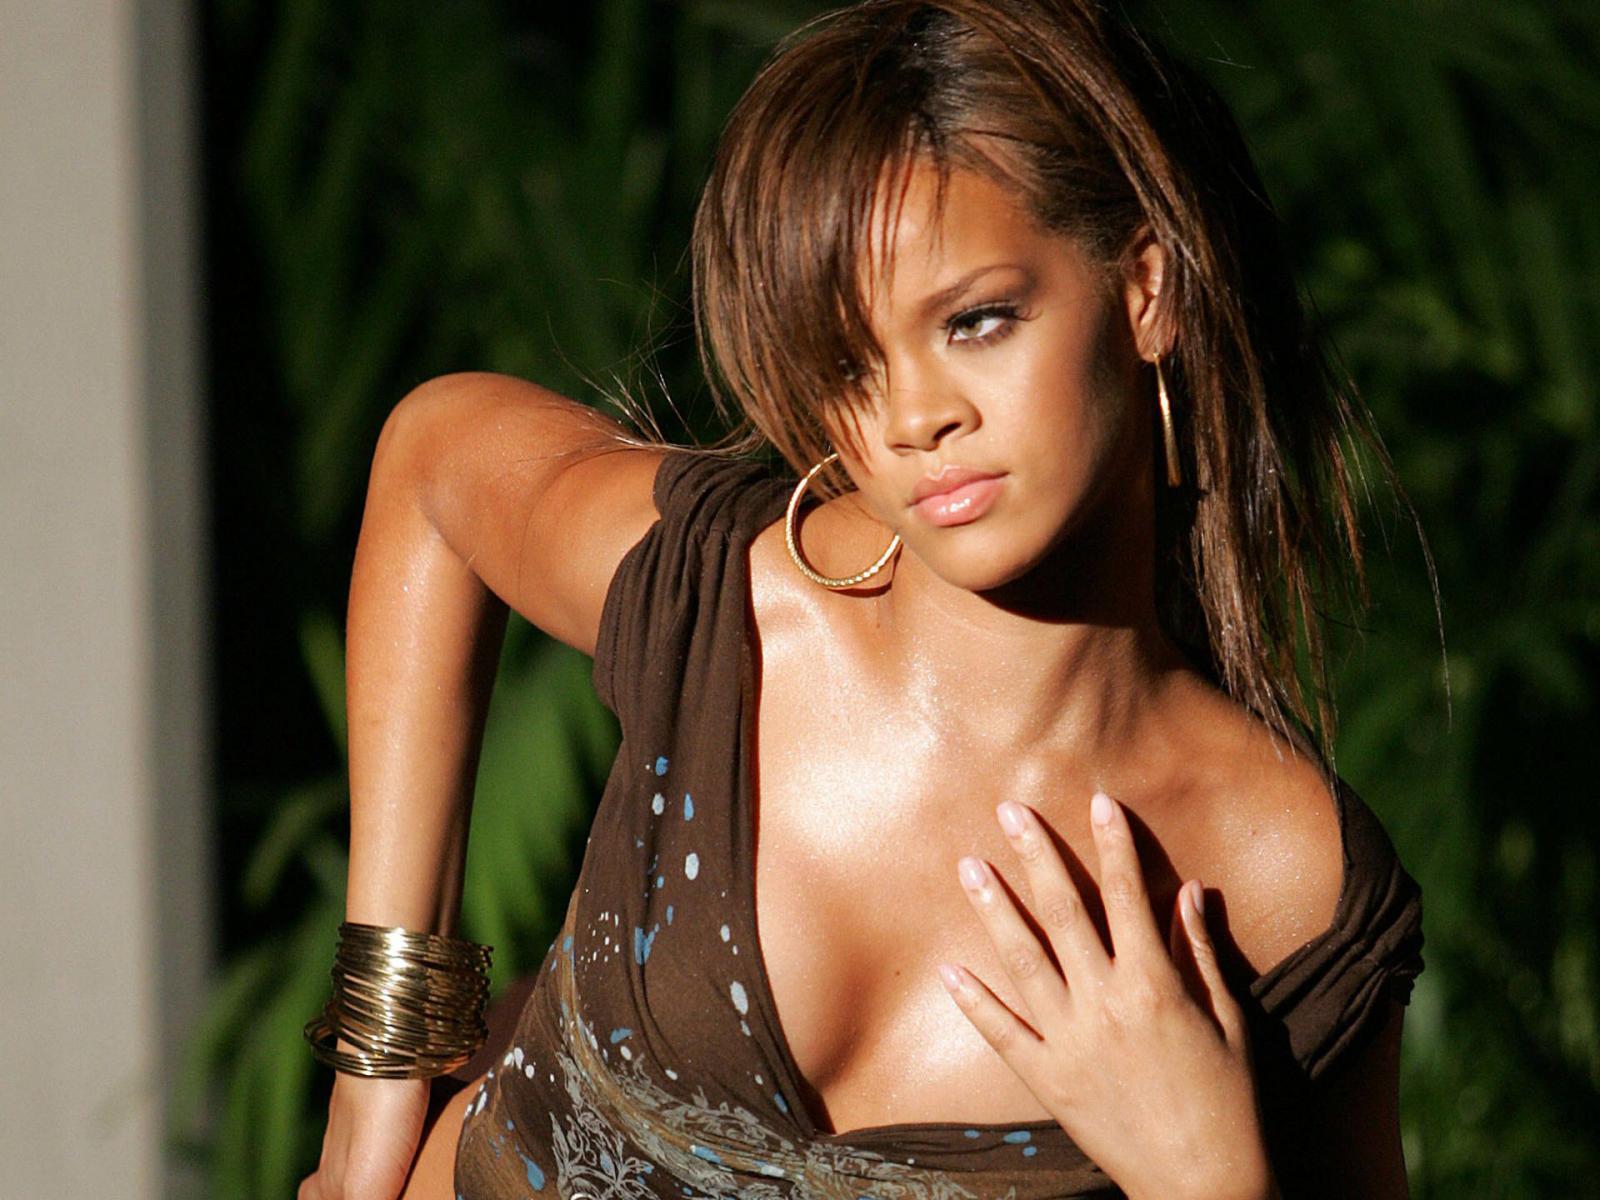 Rihanna: Best Woman Wallpapers: Rihanna Wallpapers